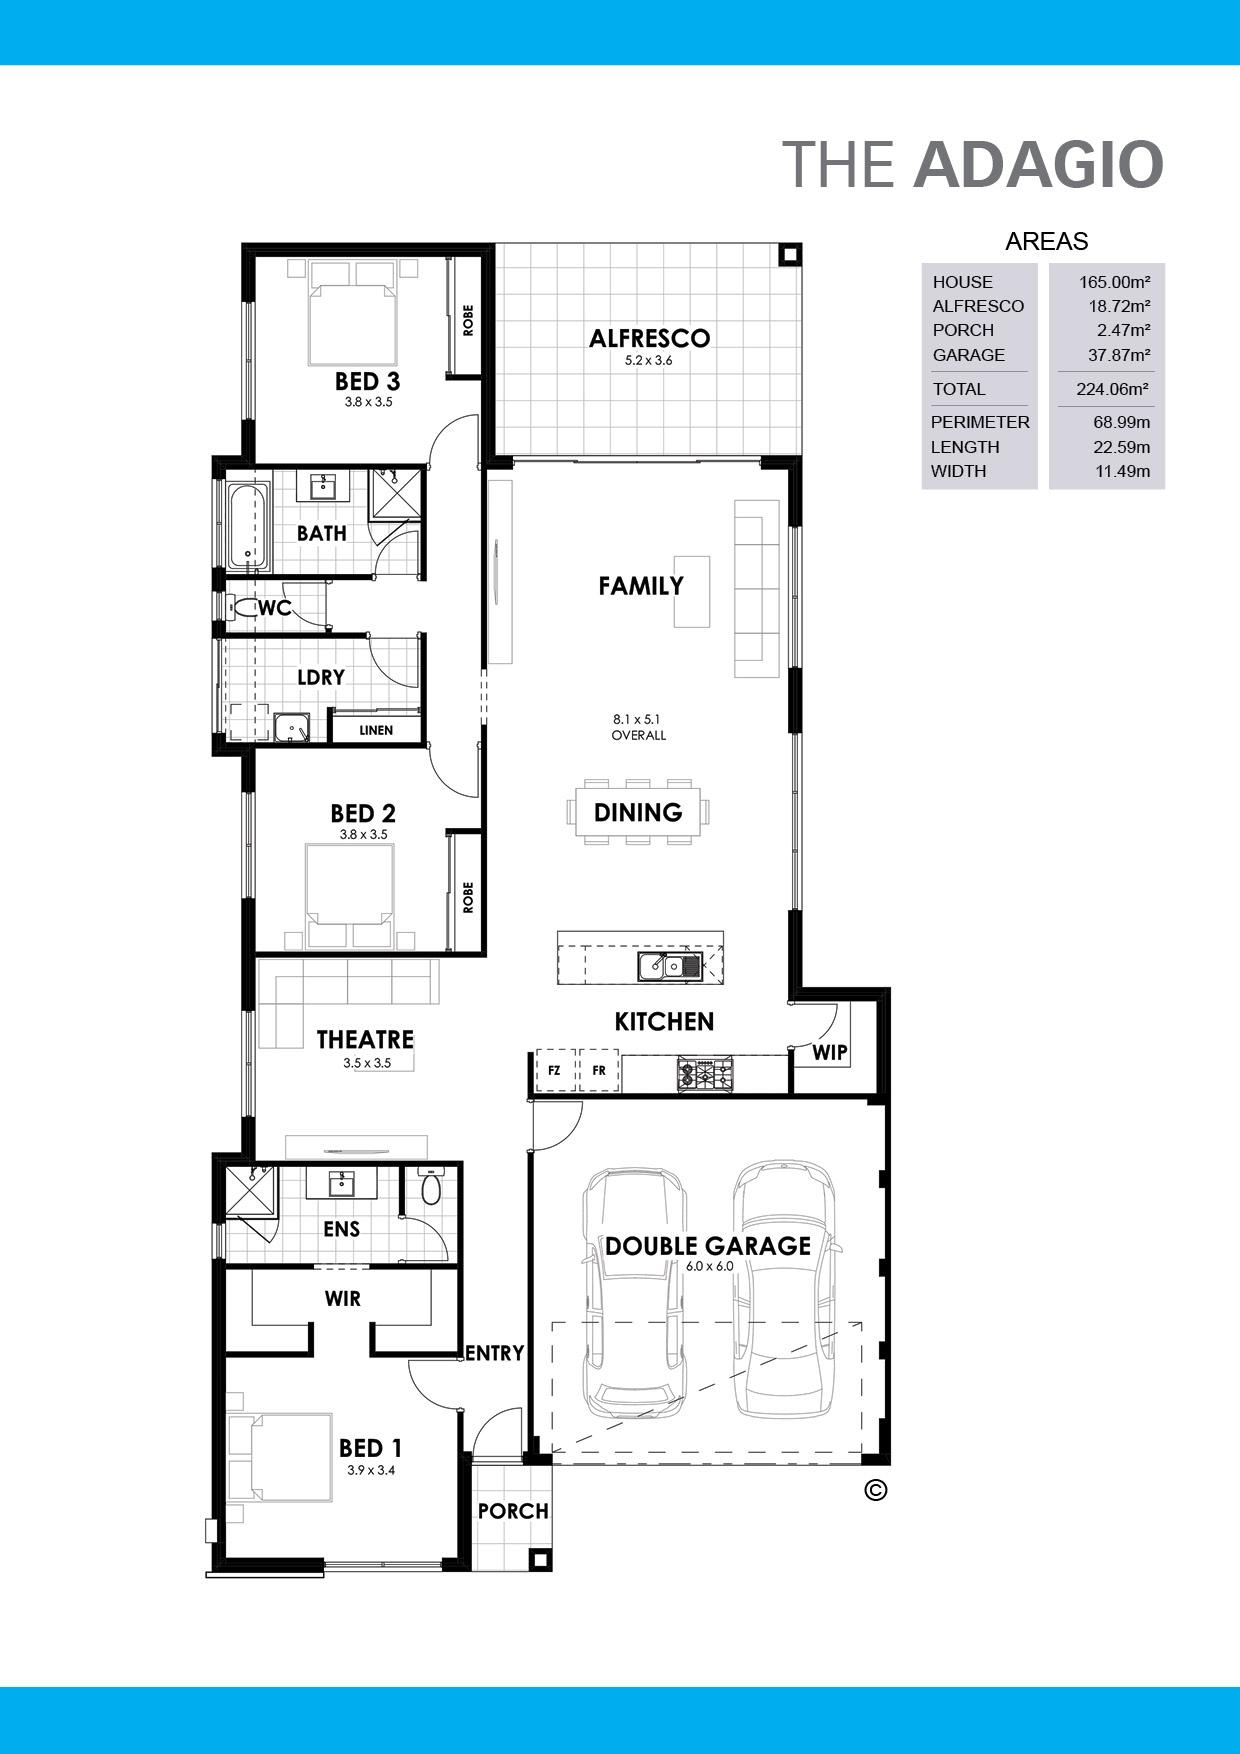 The Adagio Floorplan